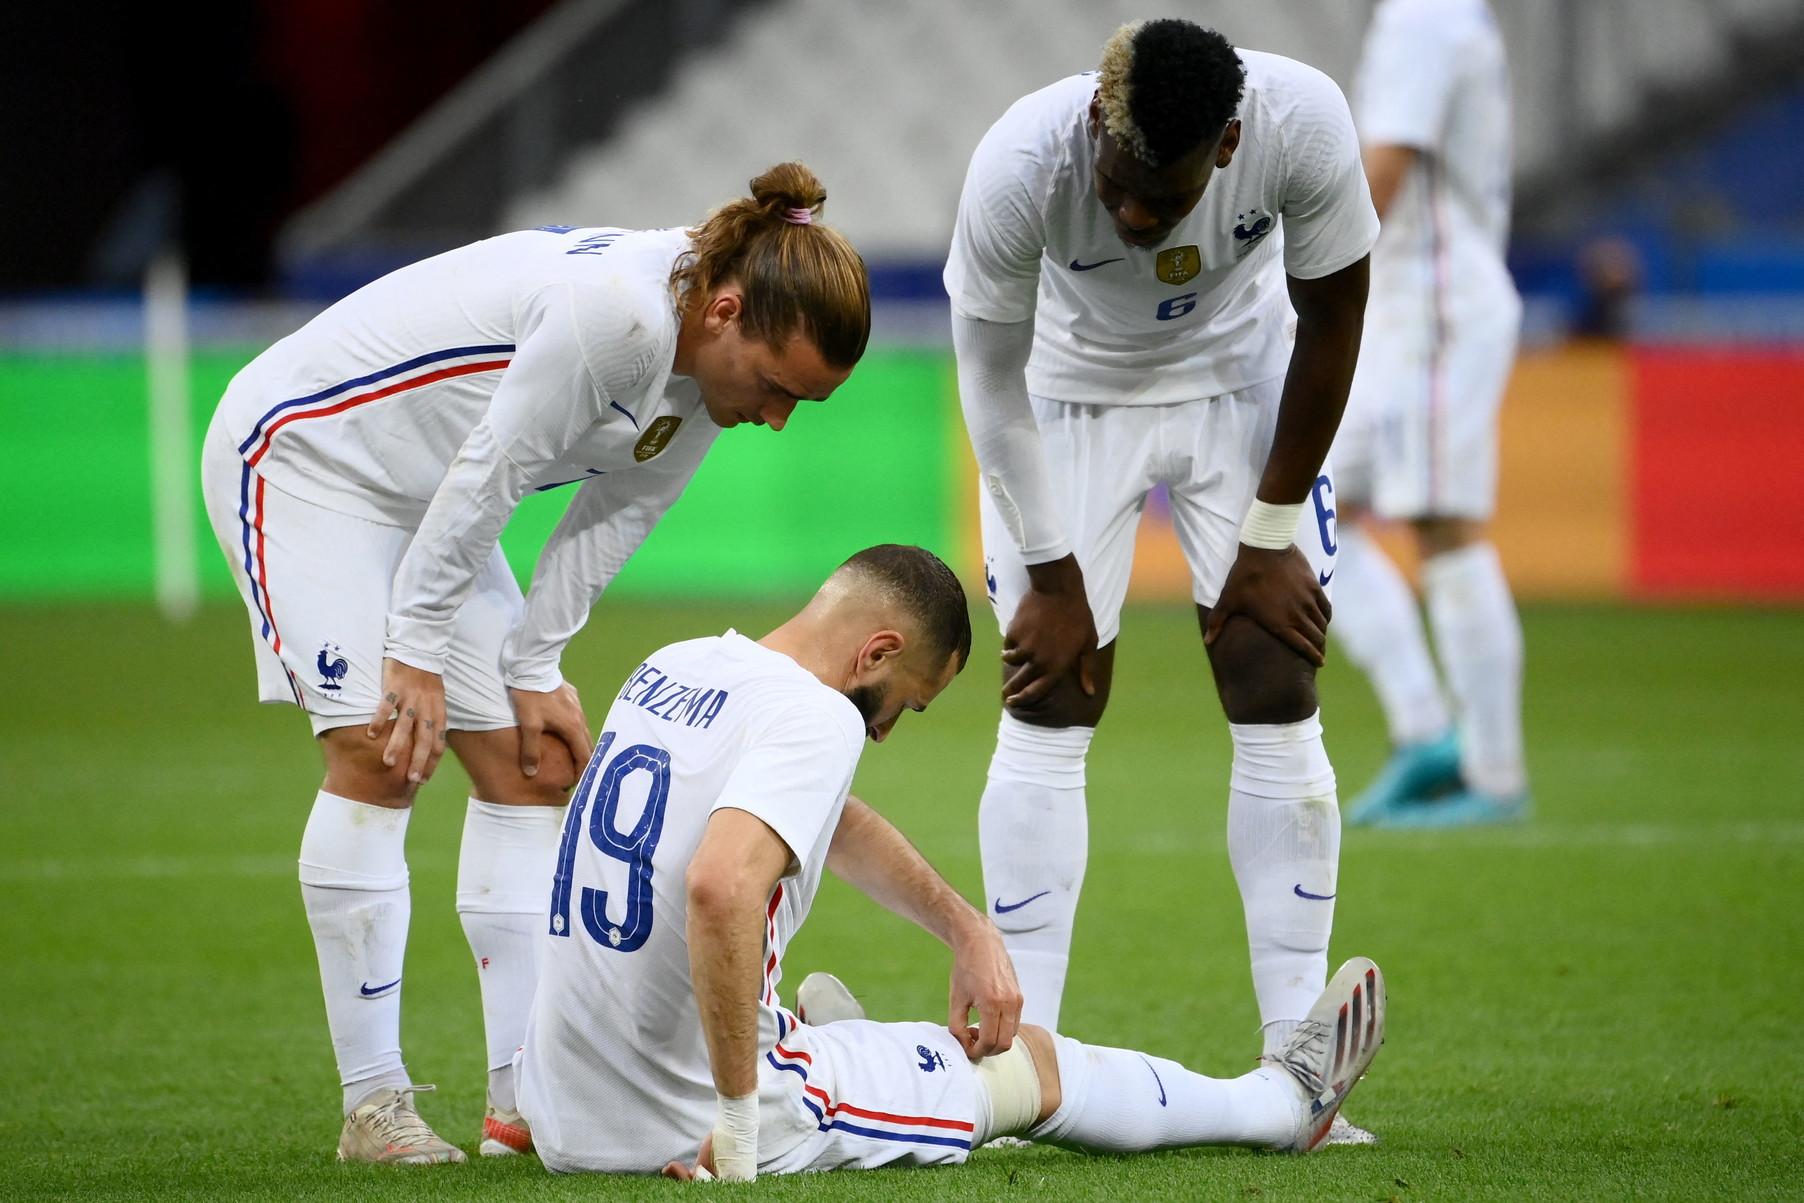 Allarme Benzema in casa Francia: l&#39;attaccante si &egrave;&nbsp;infortunato alla gamba destra nel corso del primo tempo dell&#39;amichevole contro la Bulgaria allo Stade de France, ultimo test in vista di Euro 2020. Il giocatore del Real Madrid &egrave;&nbsp;rimasto fermo a terra dopo essere caduto in seguito ad un contrasto. Dopo le cure mediche, con una fasciatura attorno alla coscia, Benzema&nbsp;&egrave;&nbsp;rientrato in campo ma dopo qualche minuto ha chiesto la sostituzione toccandosi la zona tra coscia e ginocchio. Al suo posto, al 40&#39;, &egrave;&nbsp;entrato al Giroud. Il ct&nbsp;Deschamps si &egrave; dimostrato&nbsp;ottimista: &quot;Ha preso una bella botta, lo abbiamo sostituito per non prendere rischi&quot;. La Francia giocher&agrave; la prima partita tra una settimana, contro la Germania.<br /><br />